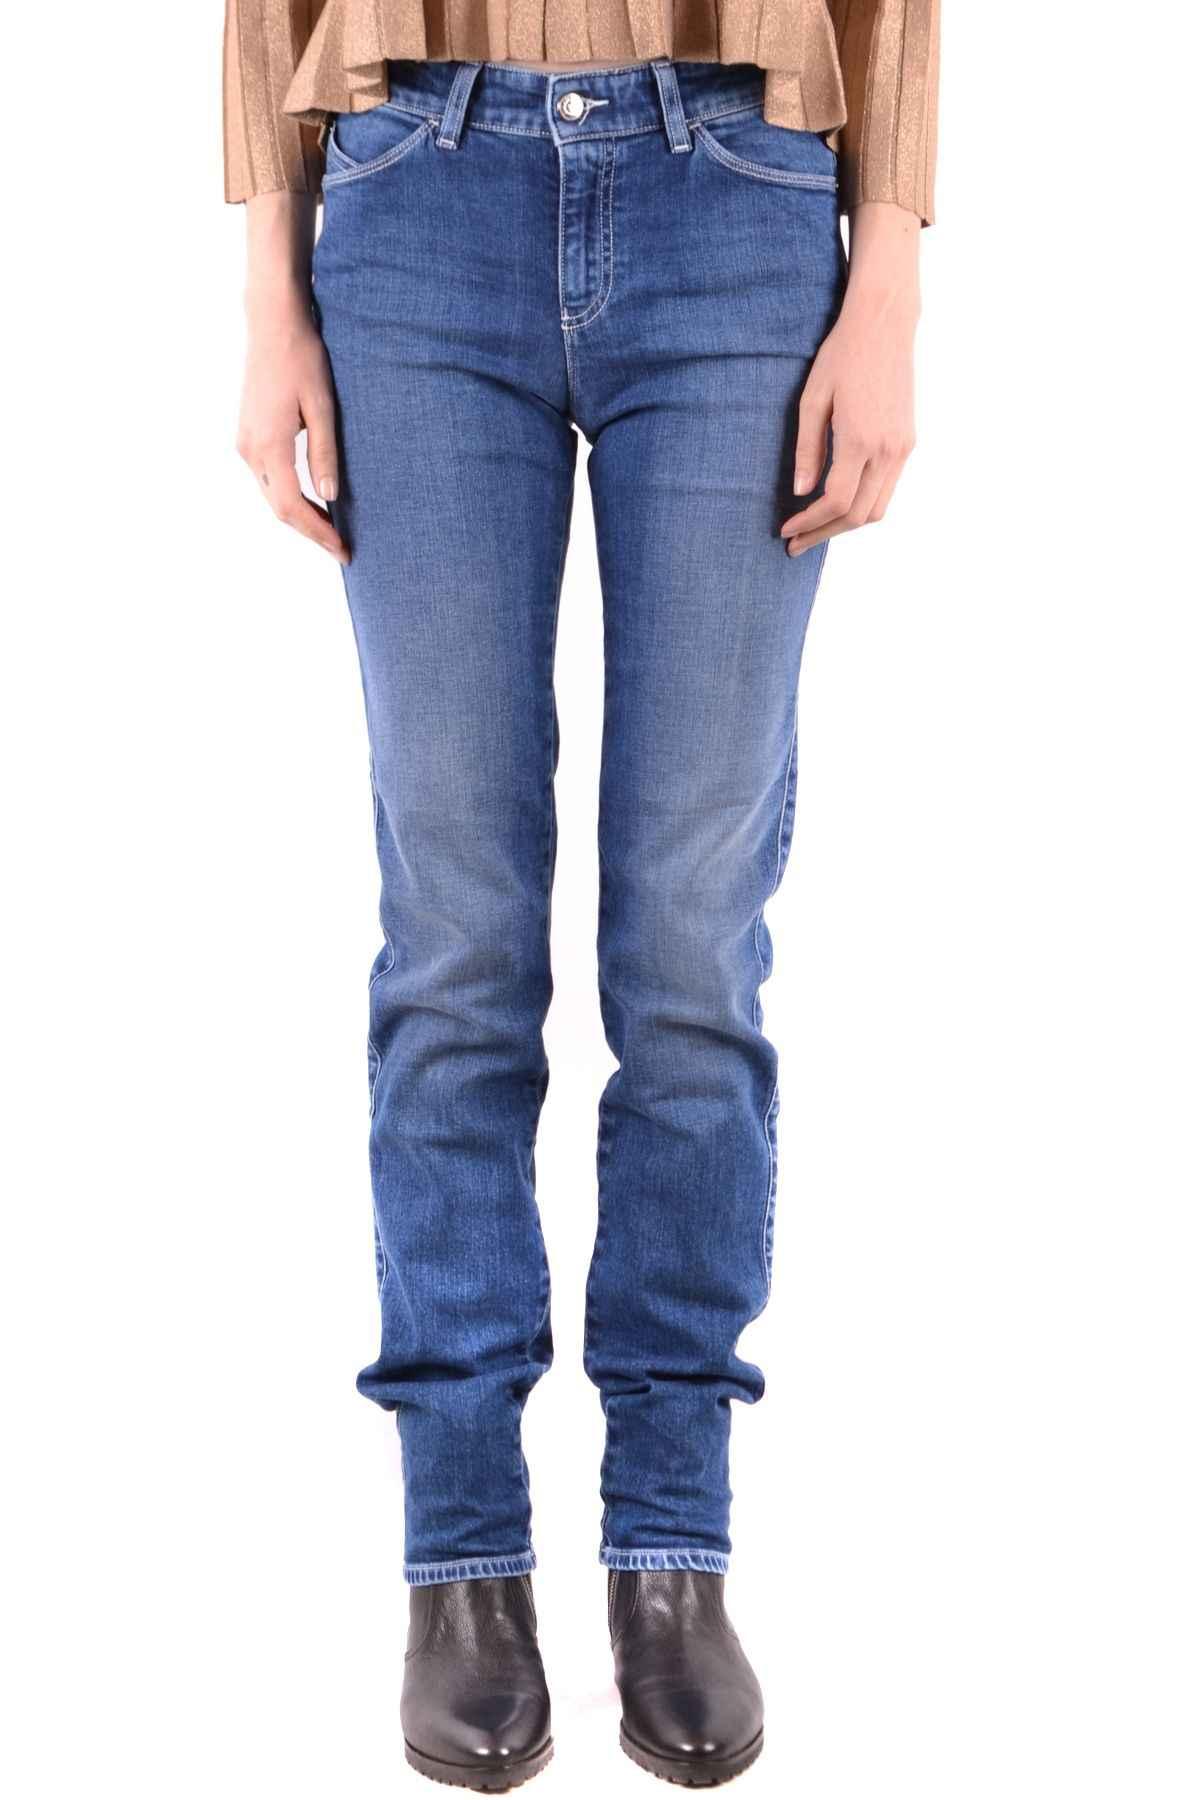 Emporio Armani Mujer Jeans Vaqueros Mujer Mcbi37534 Azul De Algodon Pantalones Vaqueros Aliexpress